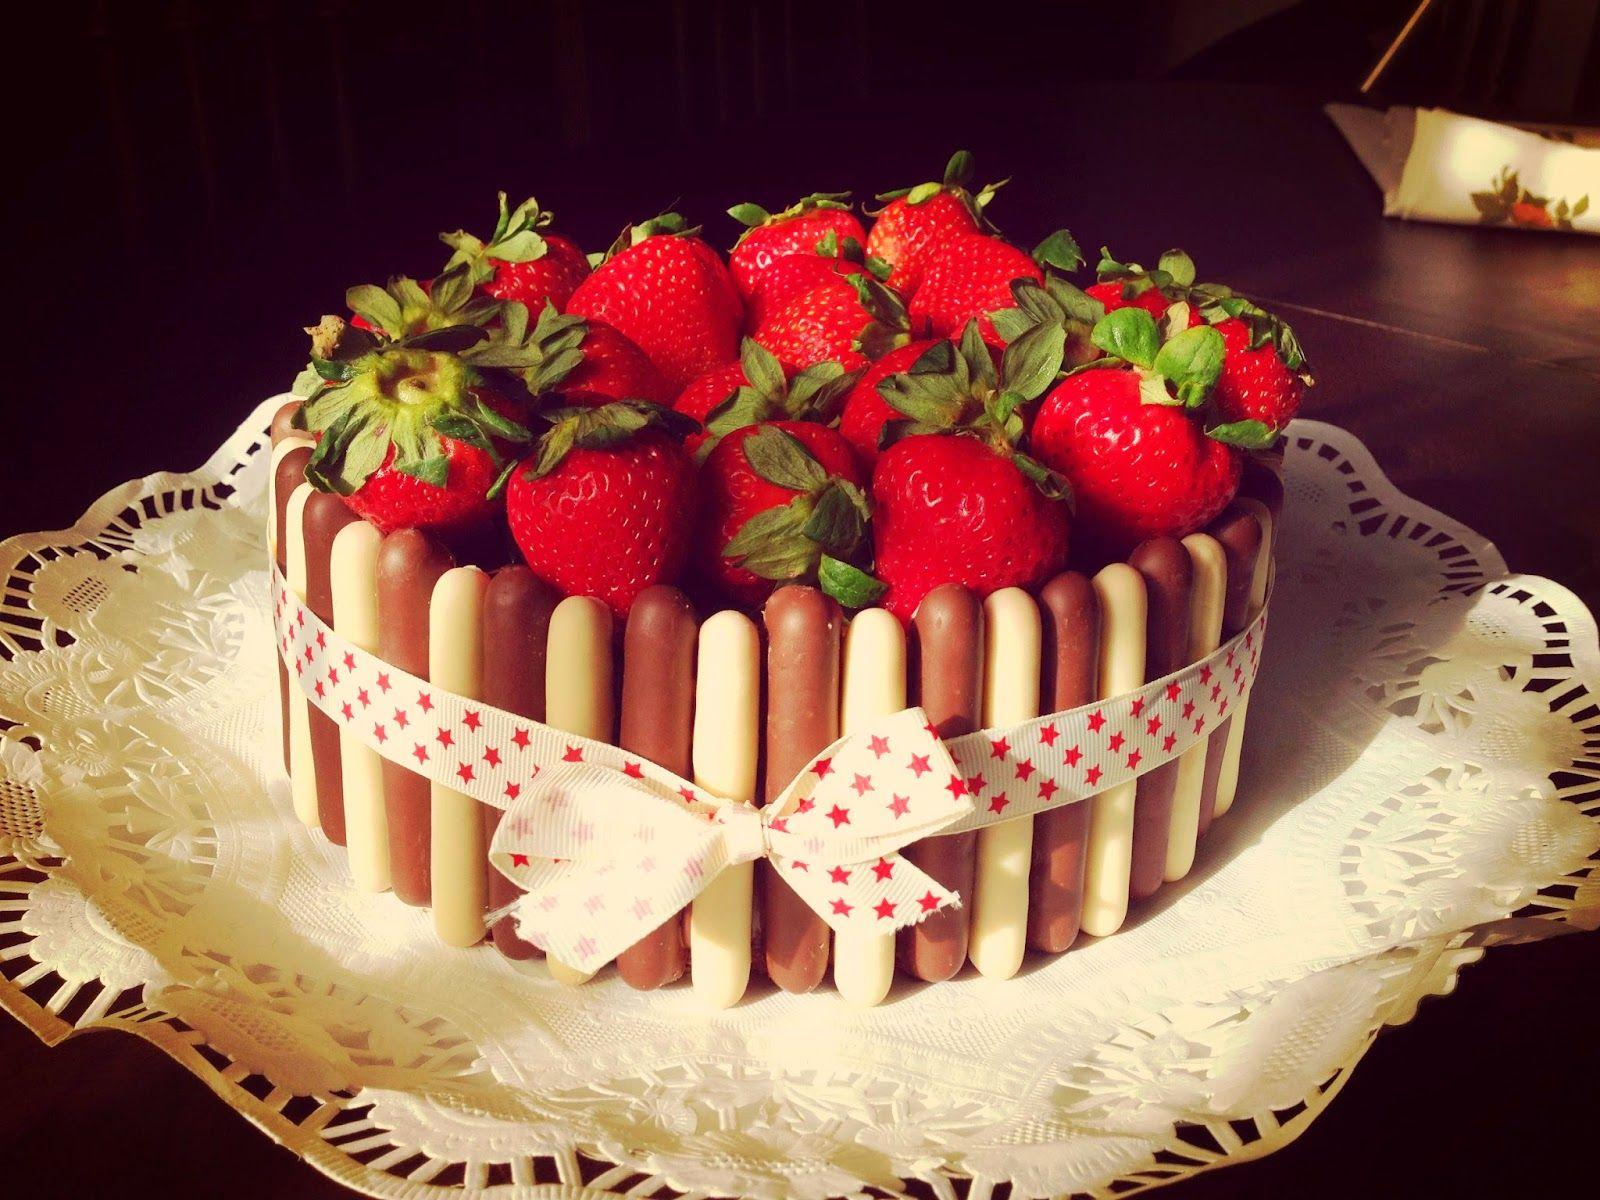 Strawberry and chocolat cake